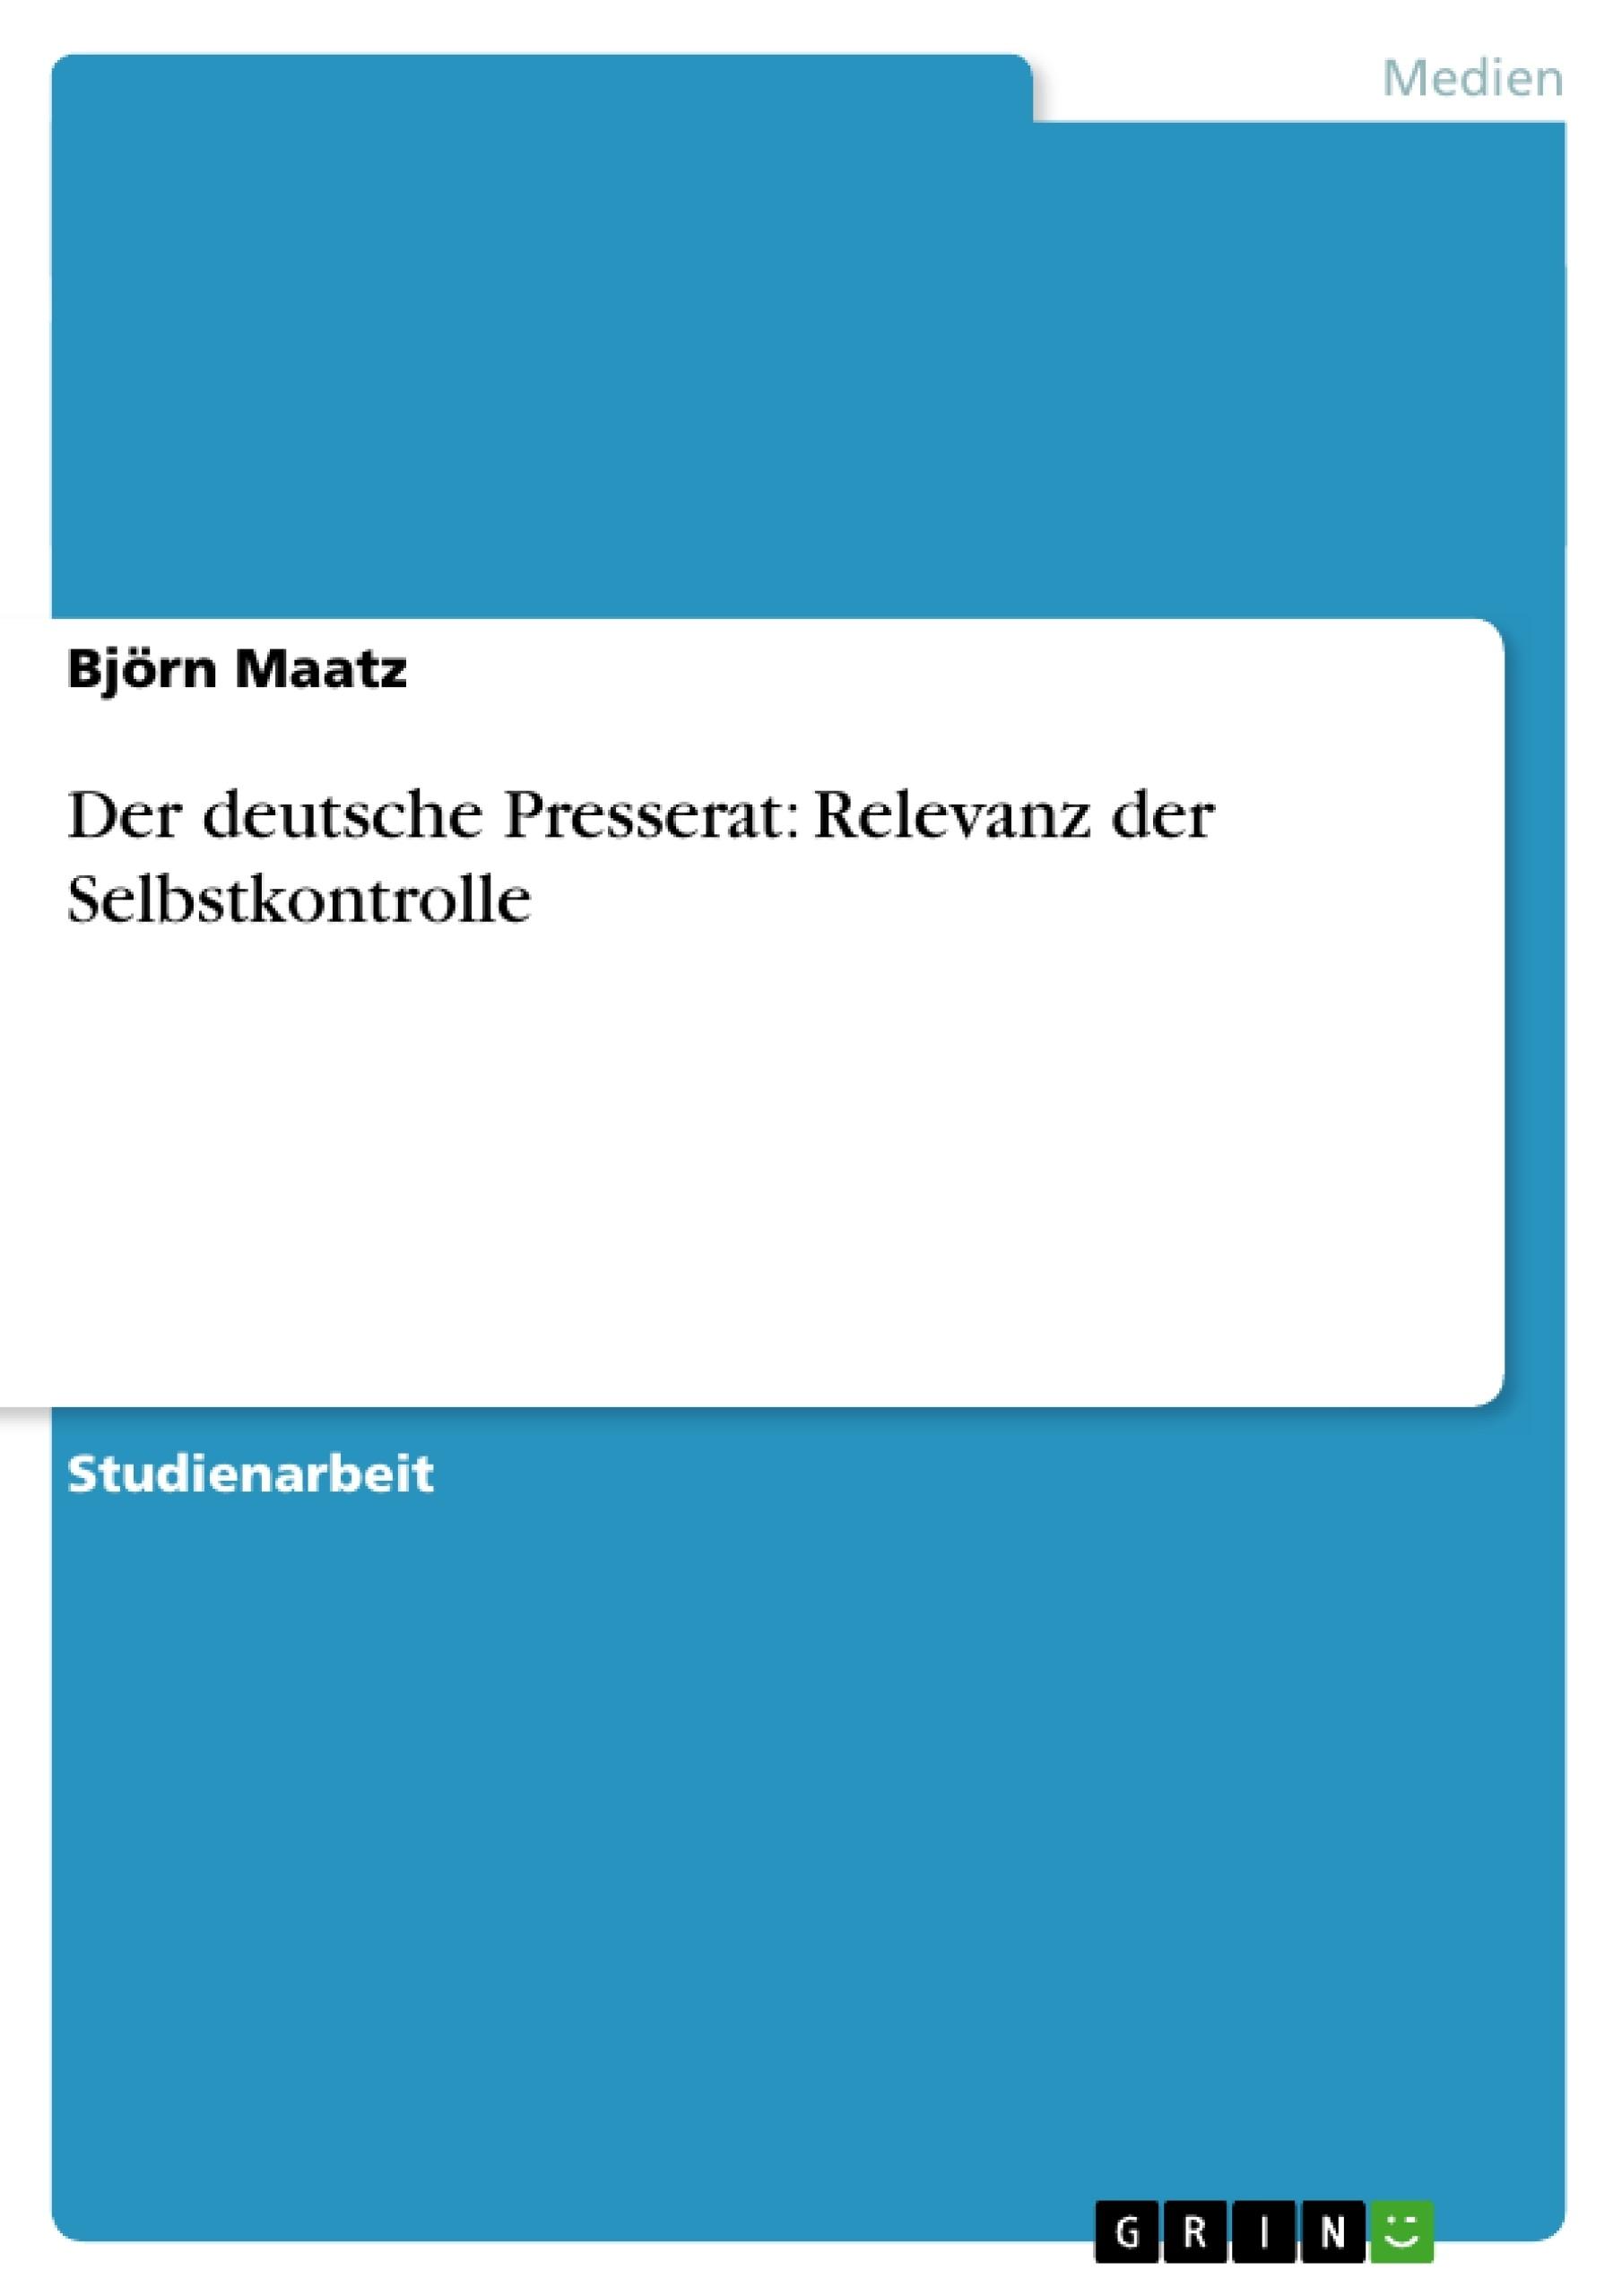 Titel: Der deutsche Presserat: Relevanz der Selbstkontrolle